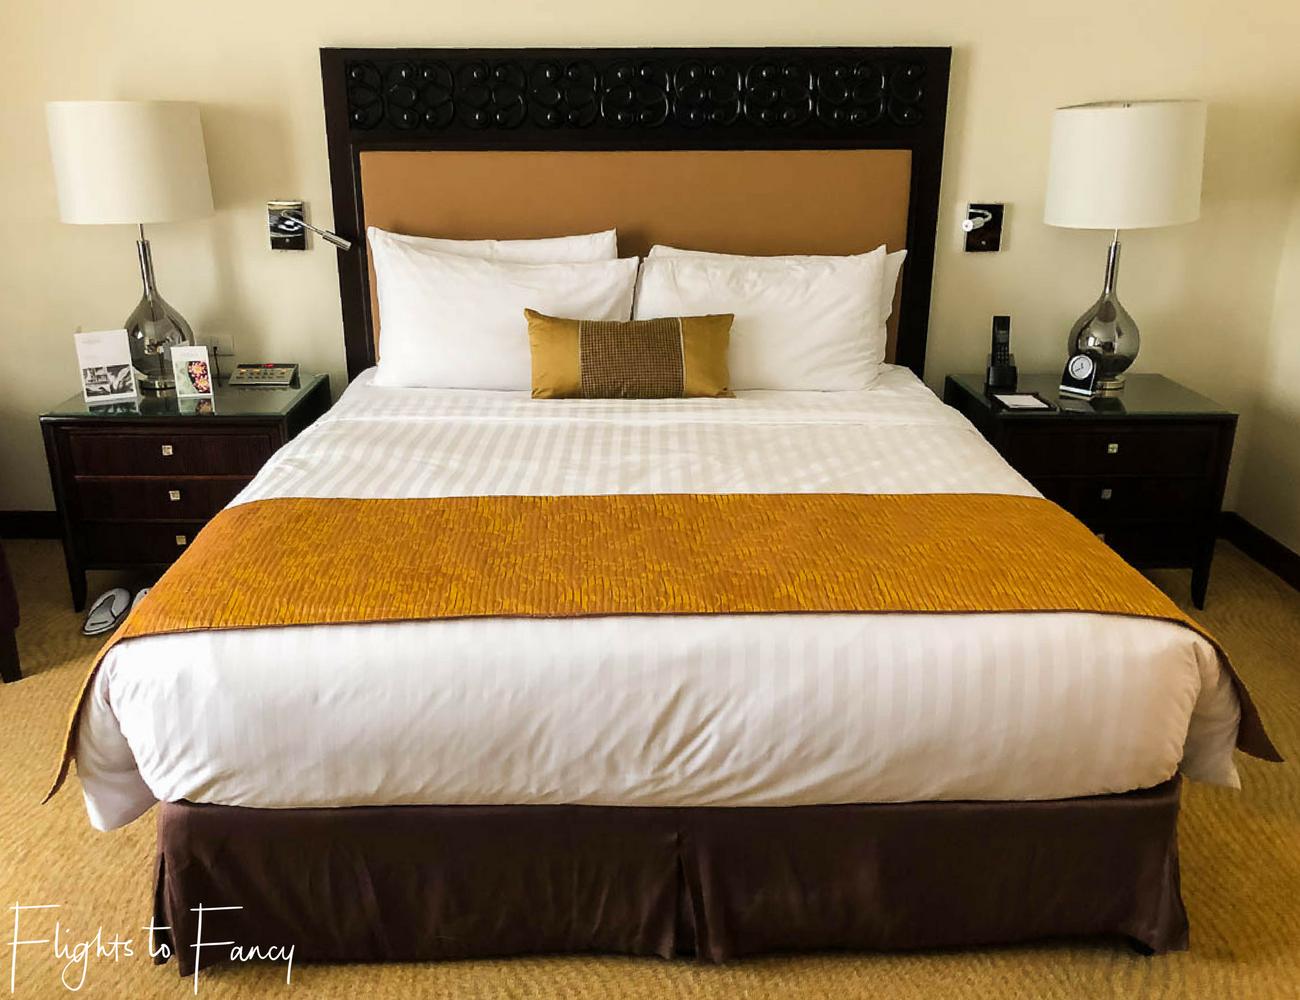 Flights to Fancy - Fairmont Makati Bedroom